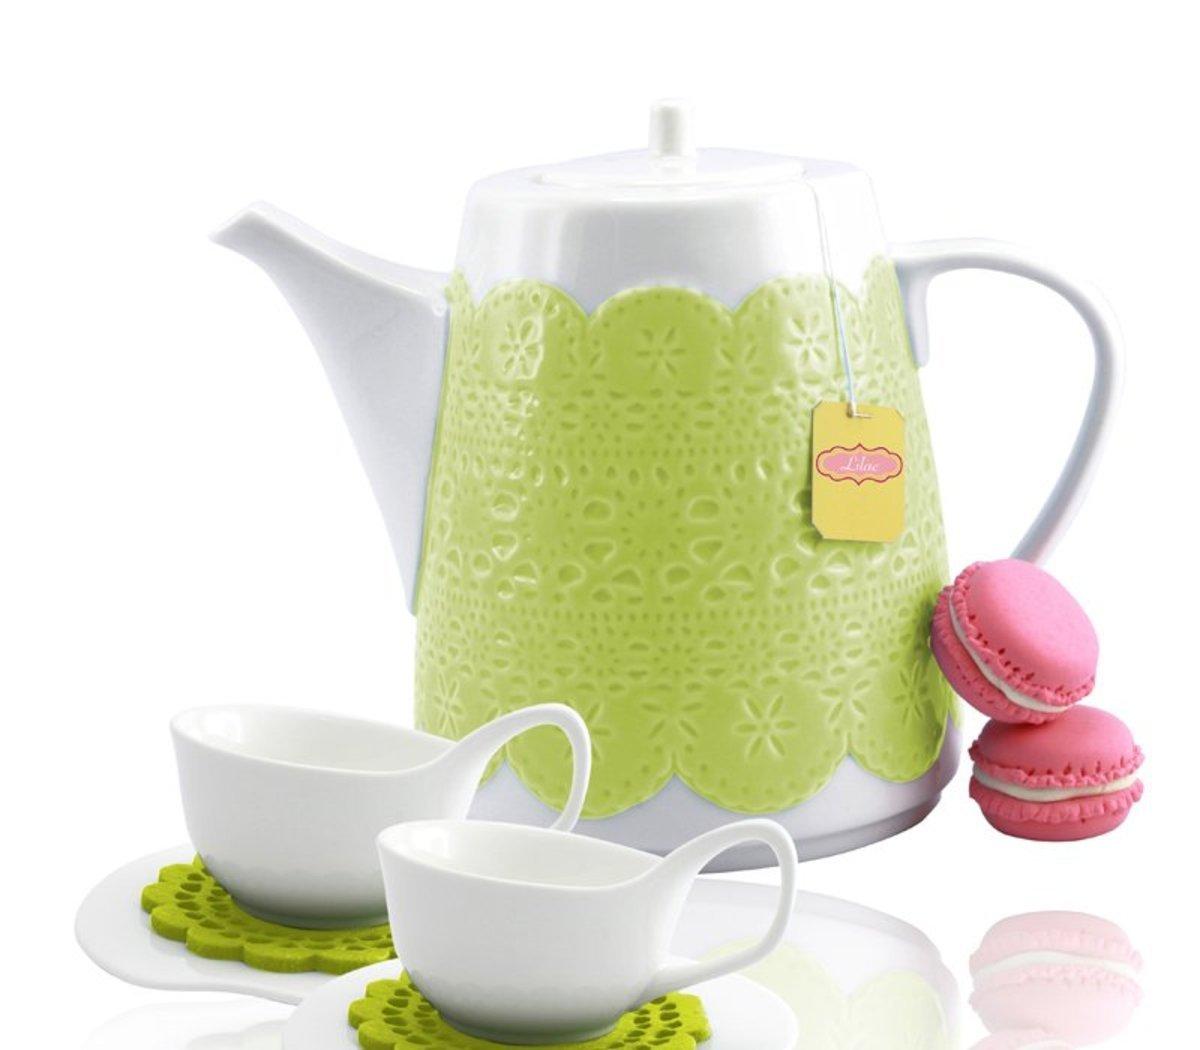 綠色立體蕾絲茶壺 x 1個 + 白色茶杯套裝配絨毛杯墊 x 2 套